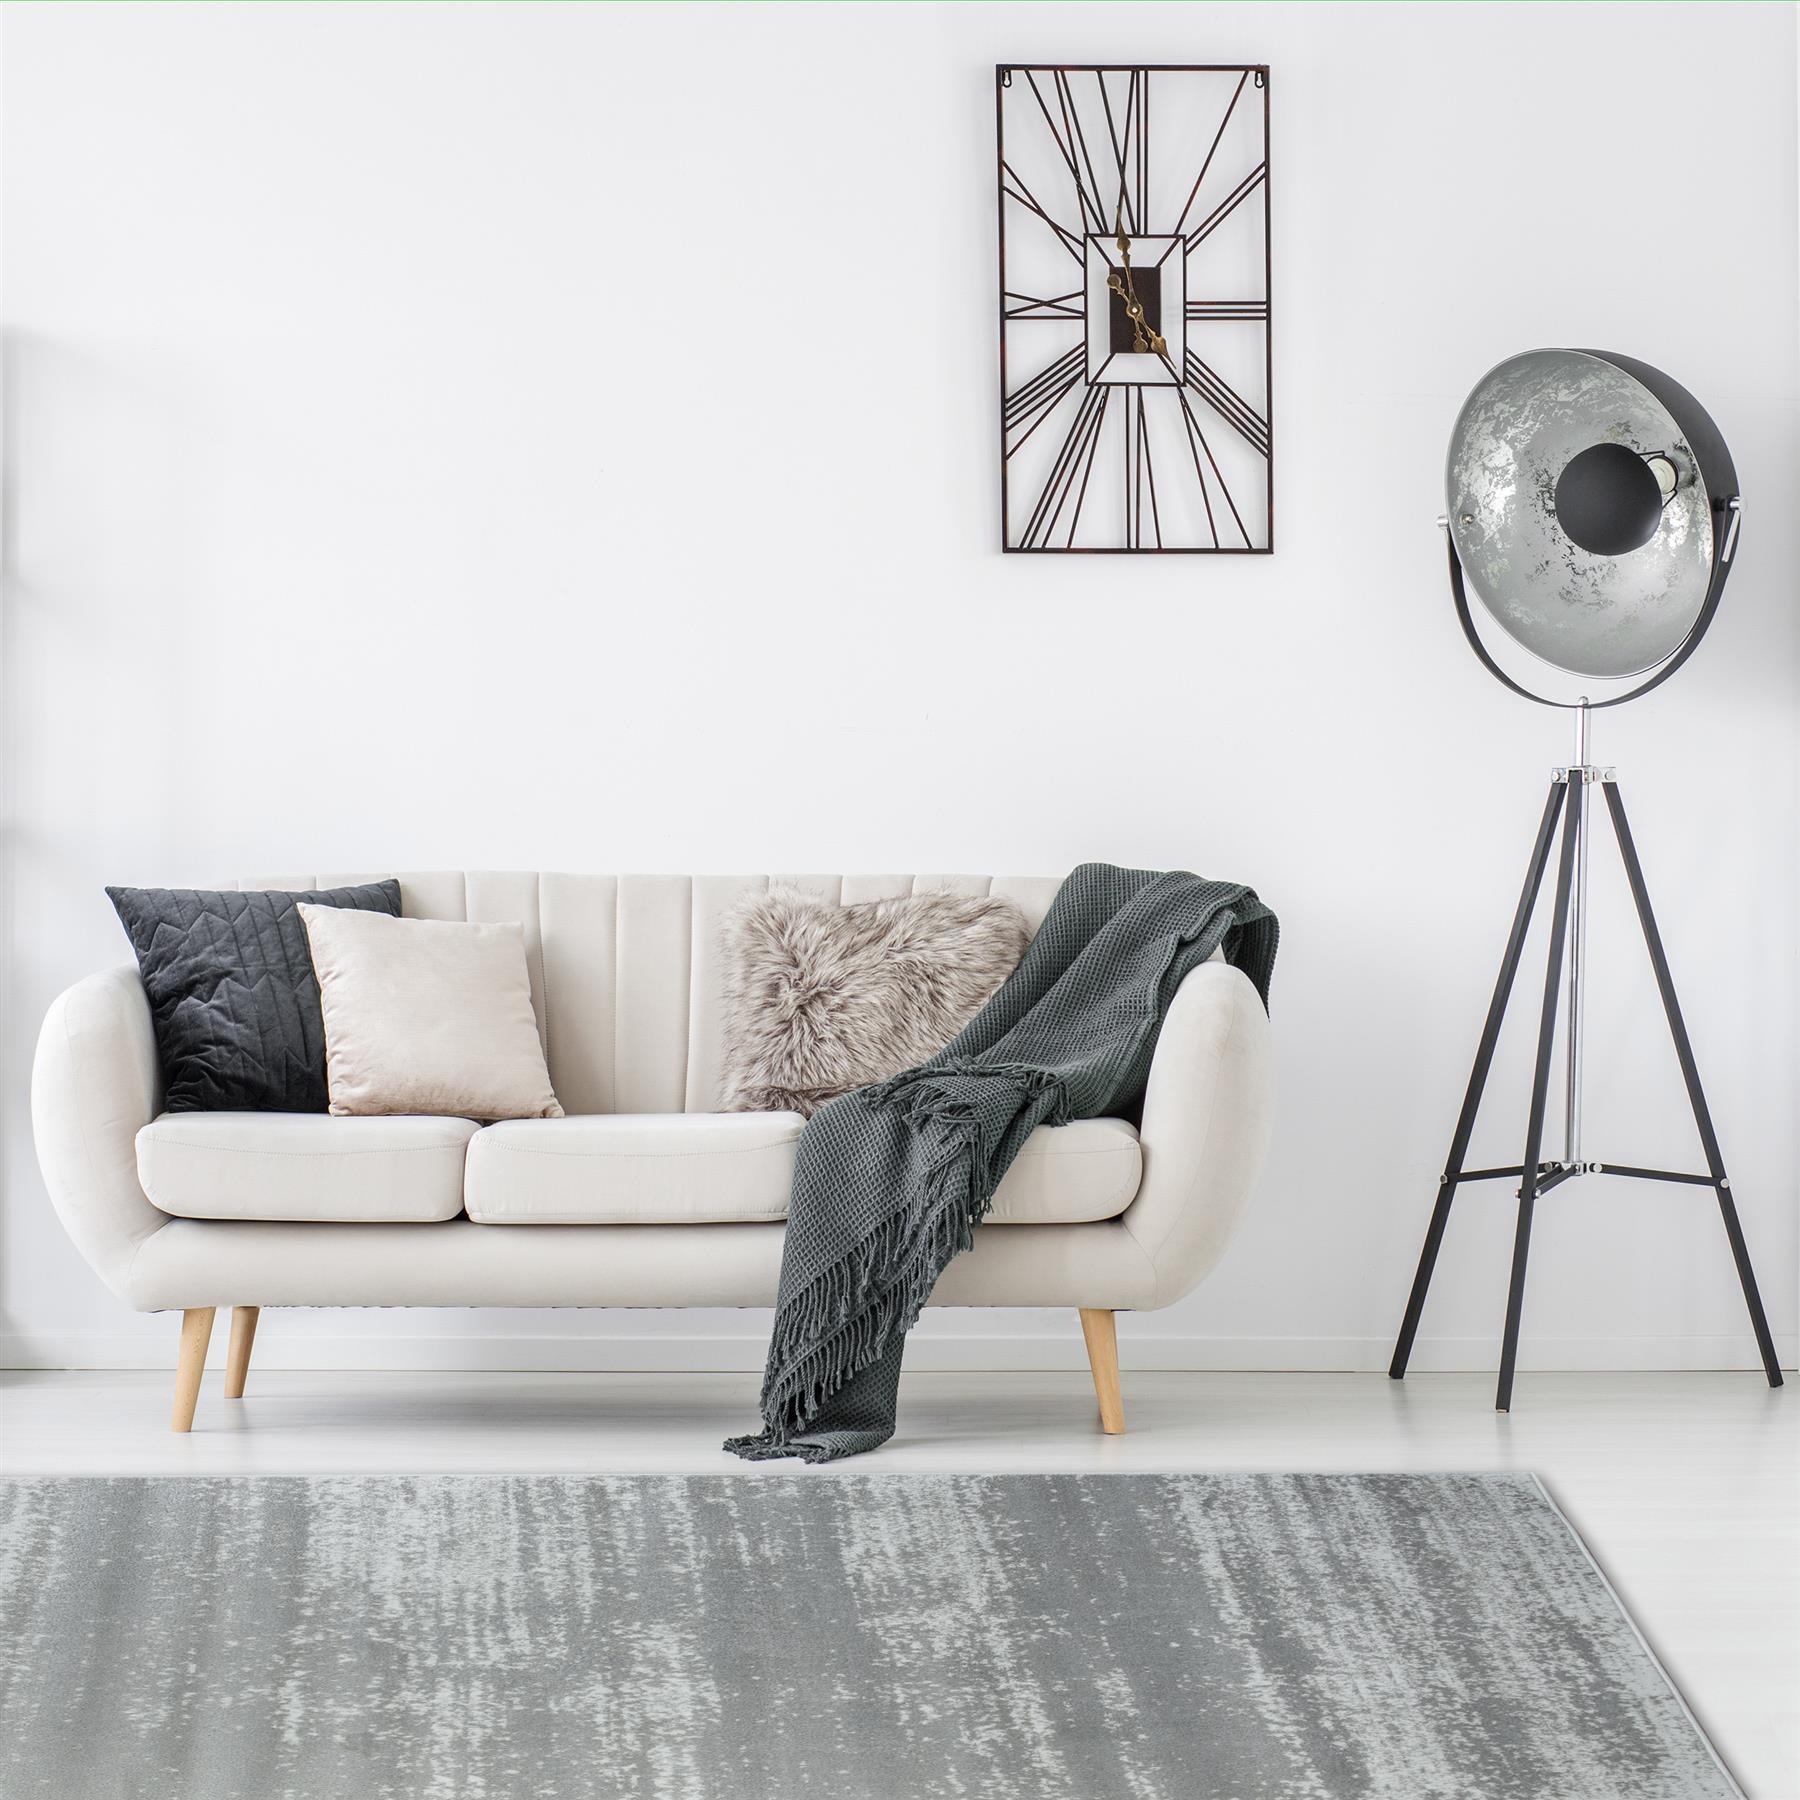 TAPPETI-Moderni-Grigio-Scuro-Grigio-Chiaro-Lounge-Tappeto-design-moderno-due-tonalita-TAPPETI miniatura 17